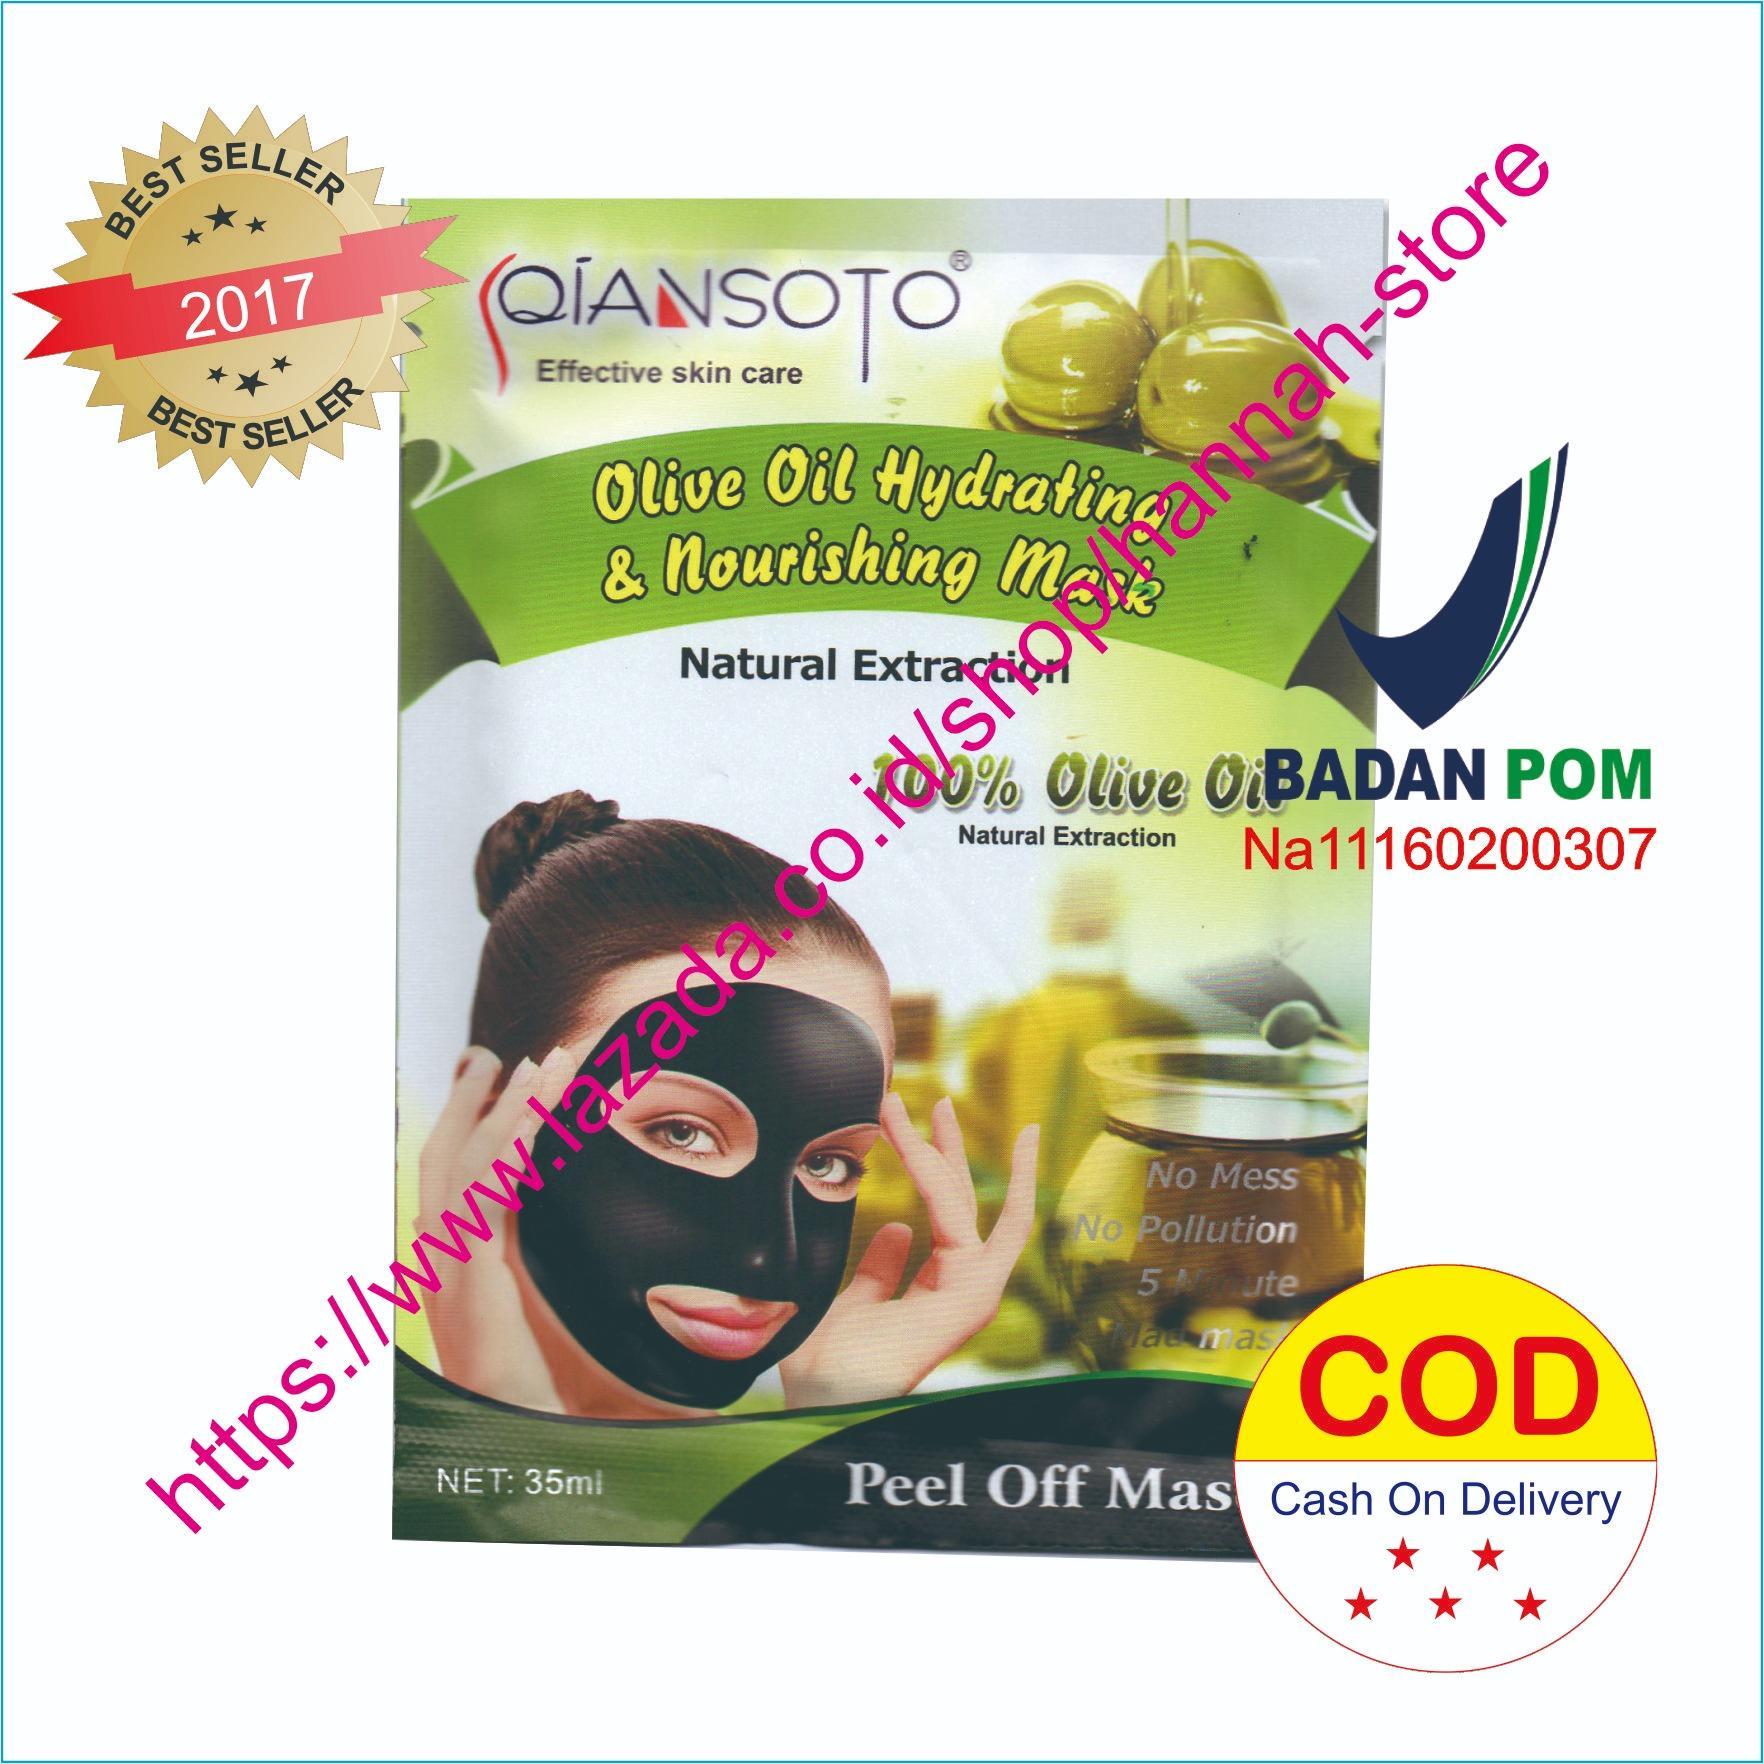 d695f839bae18e876b28fd412728c072 Koleksi Harga Masker Qiansoto Termurah saat ini